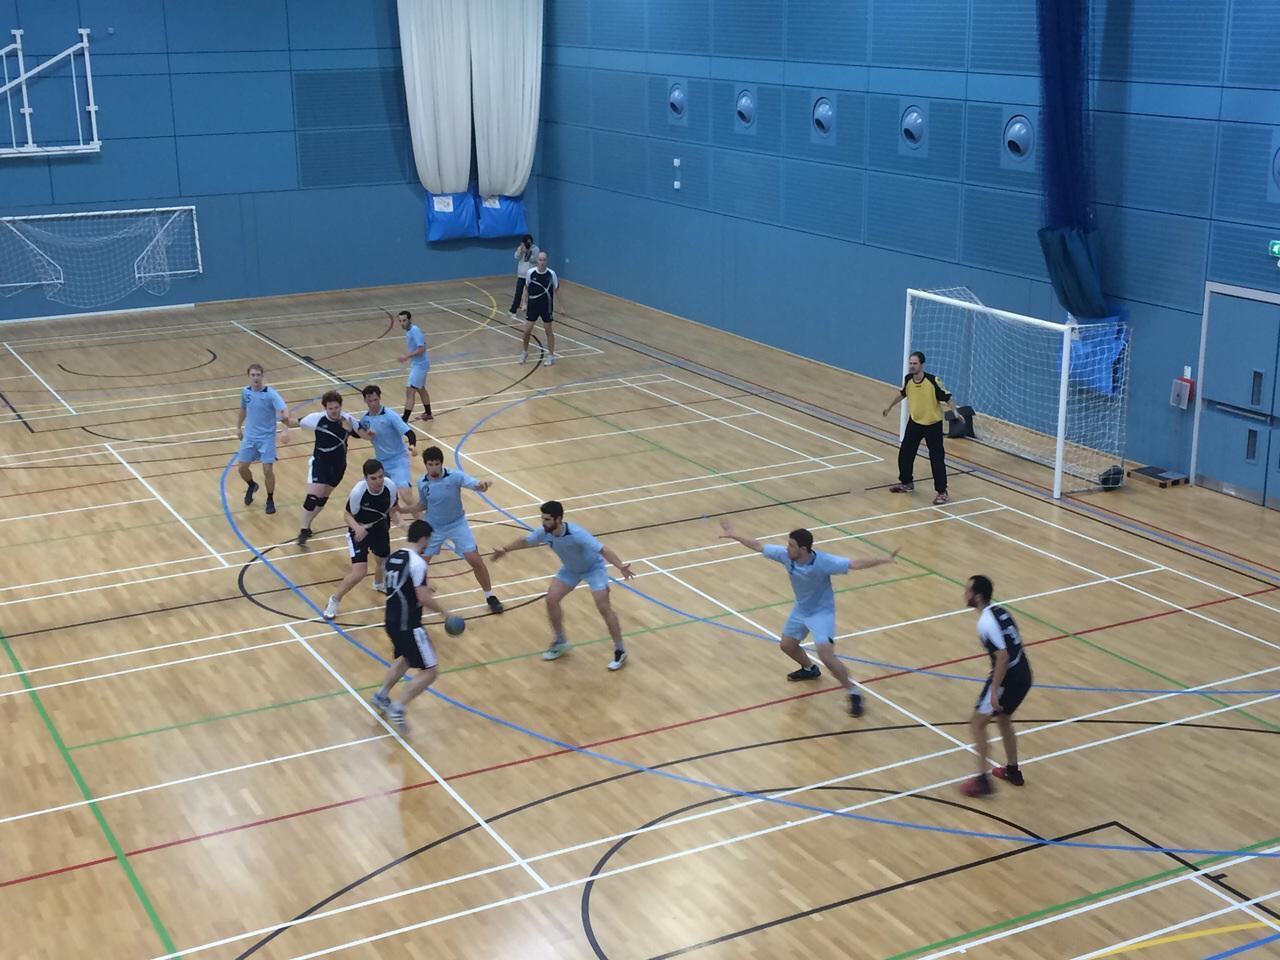 Oxford attacking the Cambridge defence (credit: Ignacio Vásquez García)